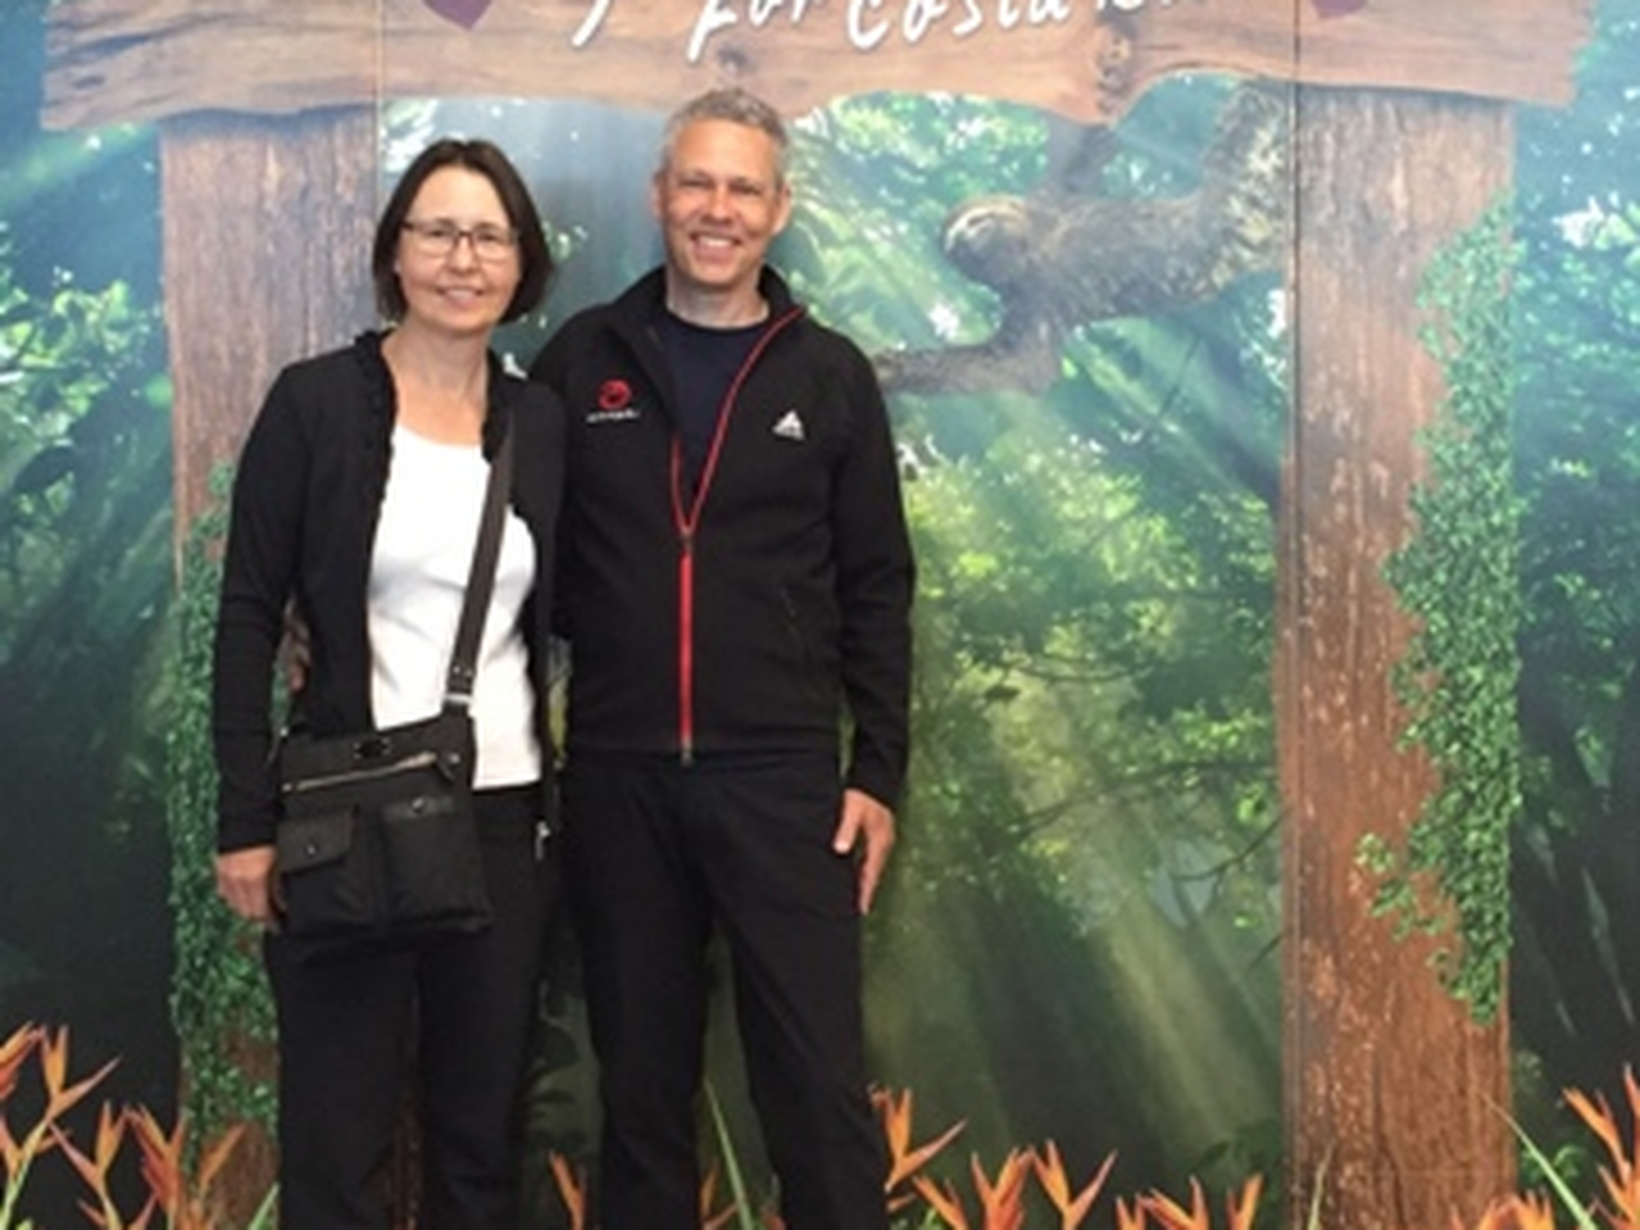 Sandra & Chris from Zug, Switzerland